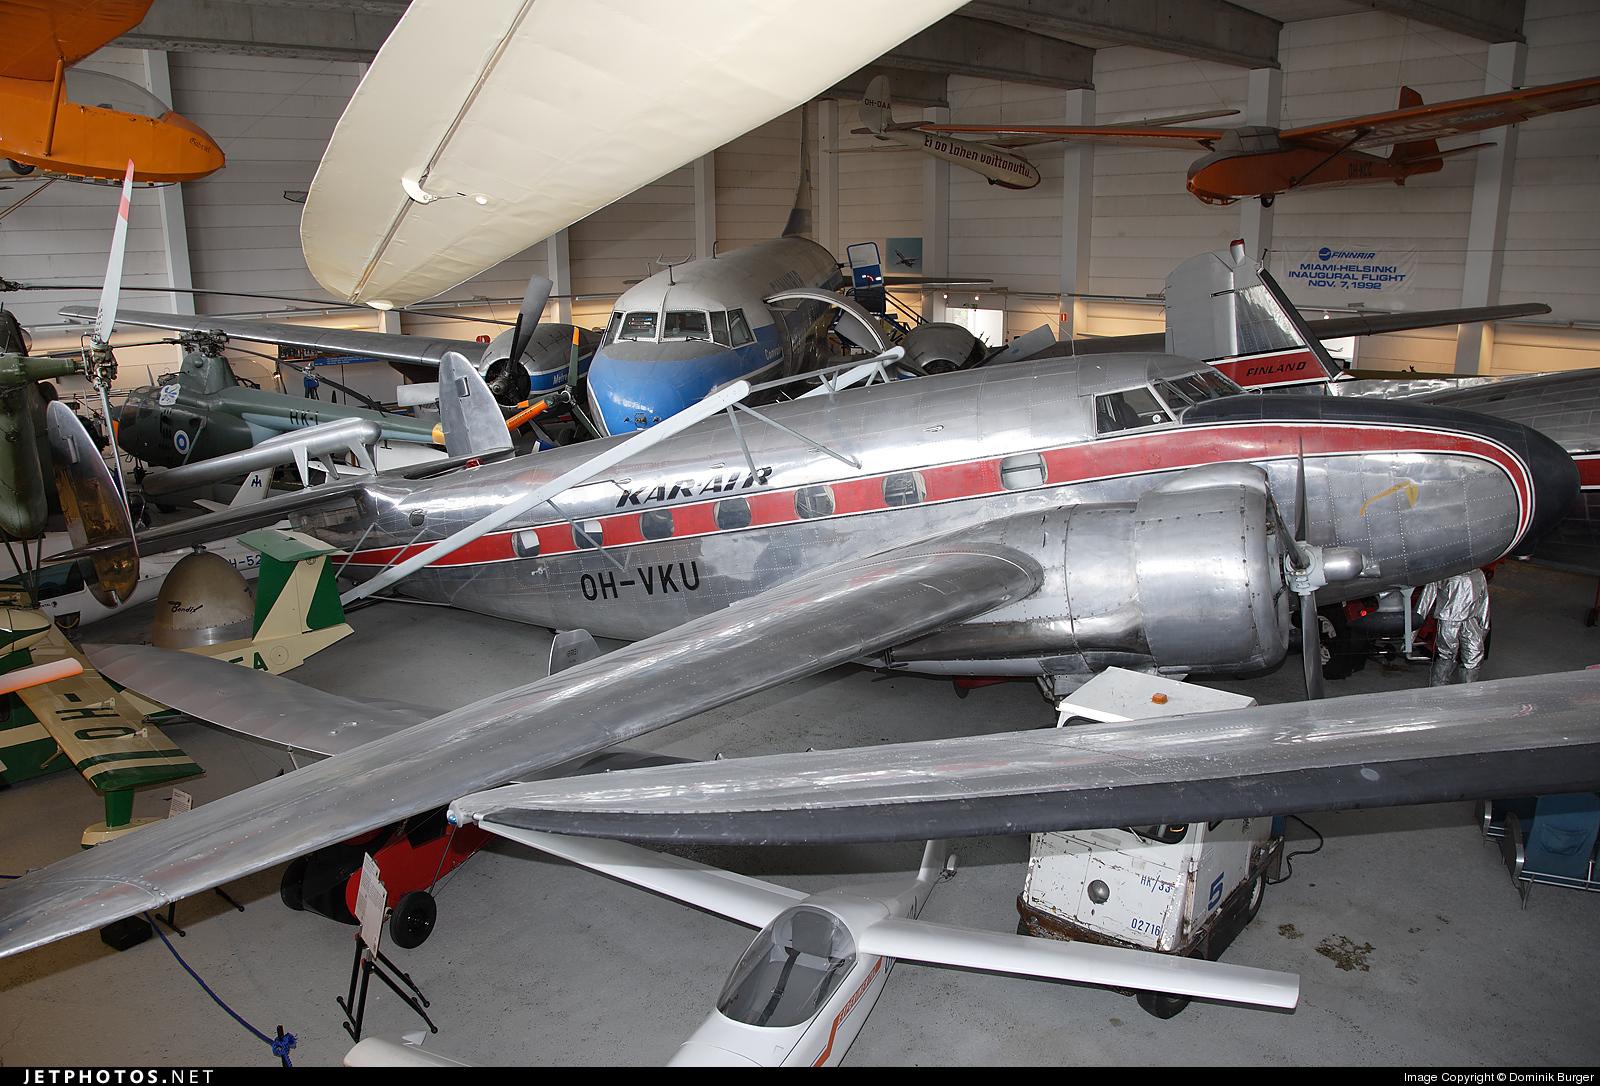 OH-VKU - Lockheed 18-56 Lodestar - Kar-Air